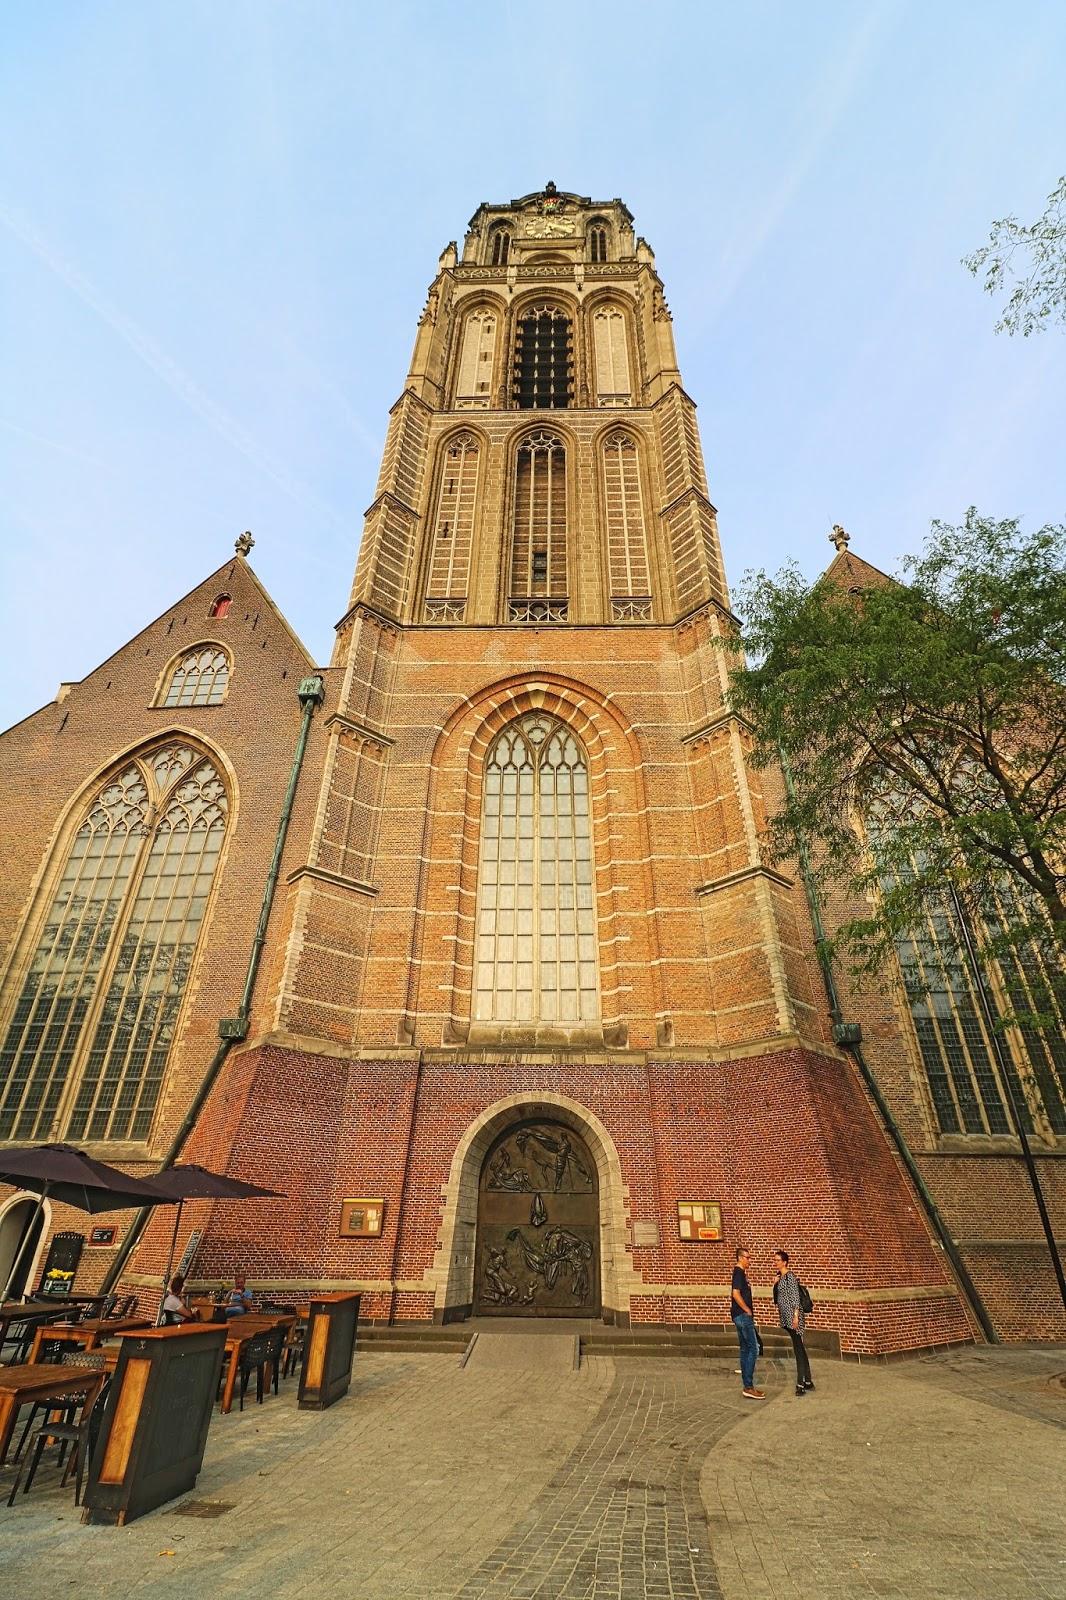 Holandia, kościół, podróże